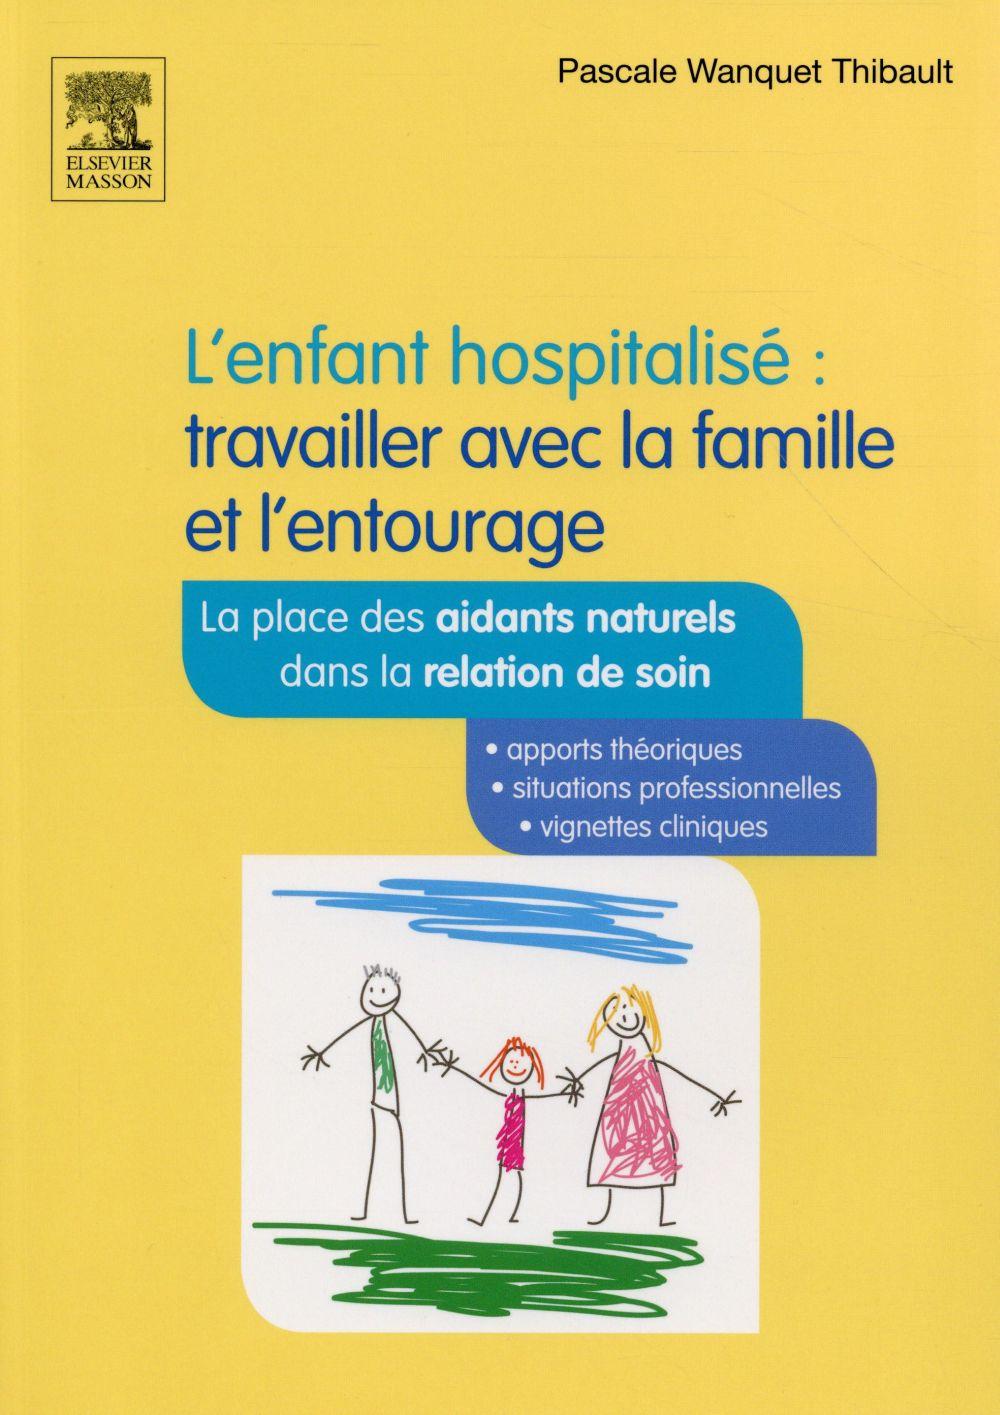 L ENFANT HOSPITALISE : TRAVAILLER AVEC LA FAMILLE ET L ENTOURAGE